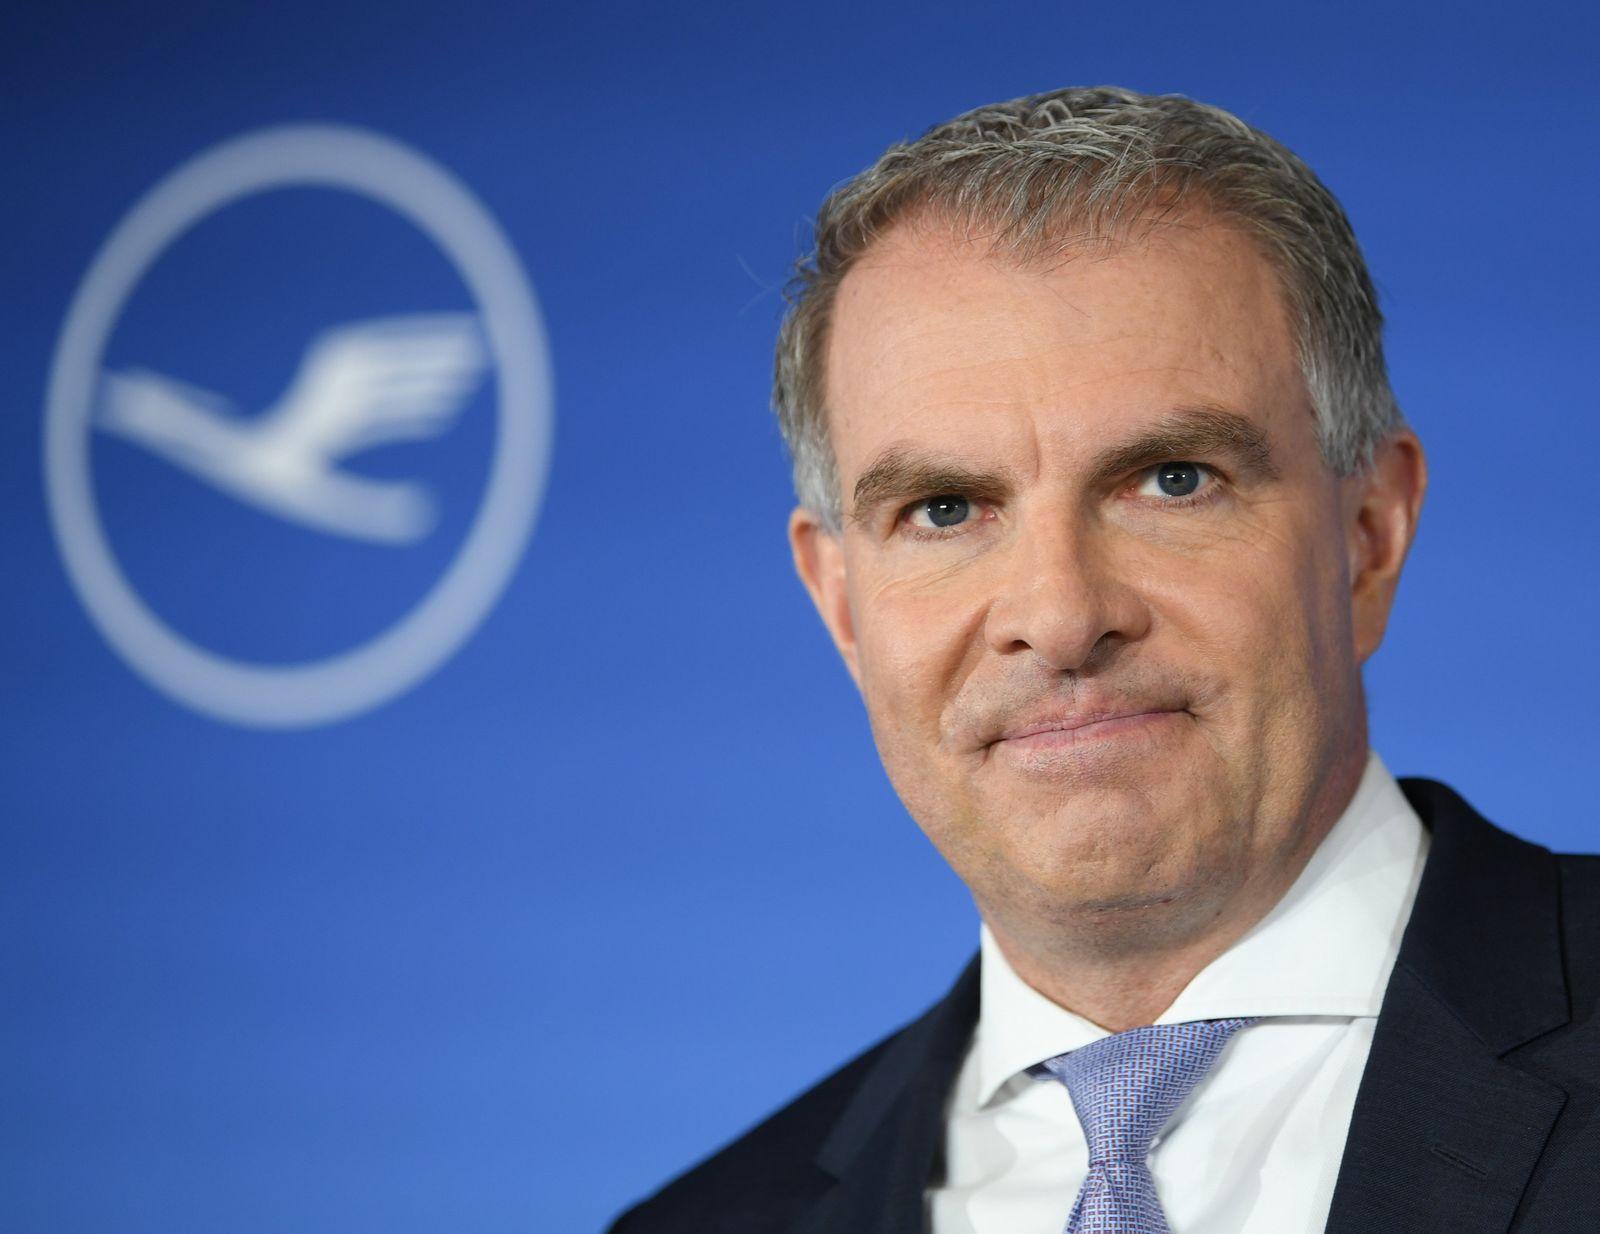 Lufthansa - Carsten Spohr